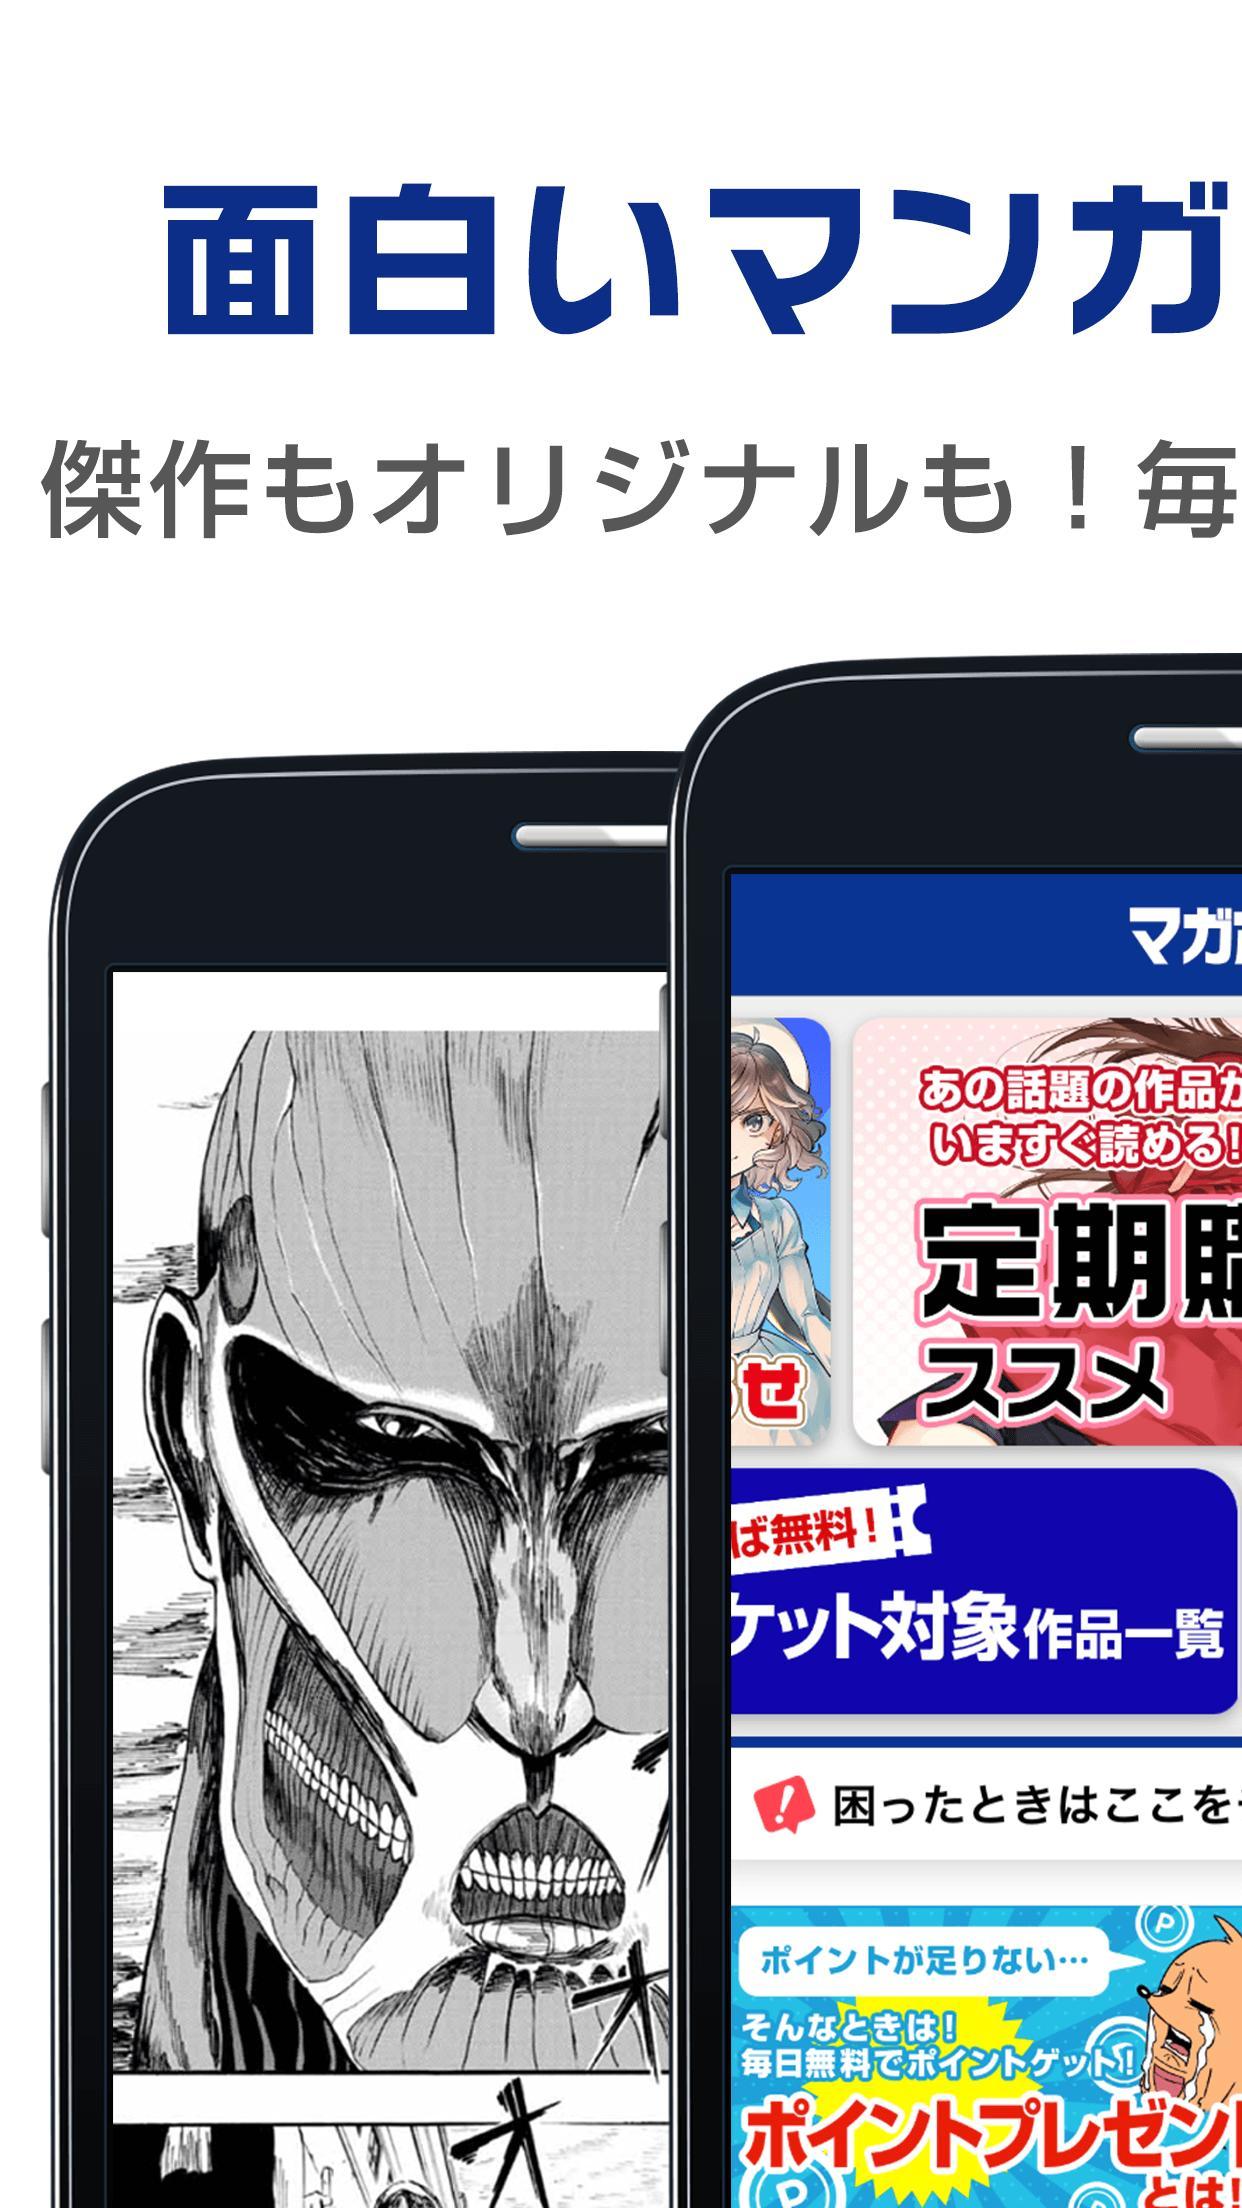 マガポケ 人気マンガが無料で読める、週刊少年マガジン公式コミックアプリ「マガジンポケット」 4.10.2 Screenshot 5